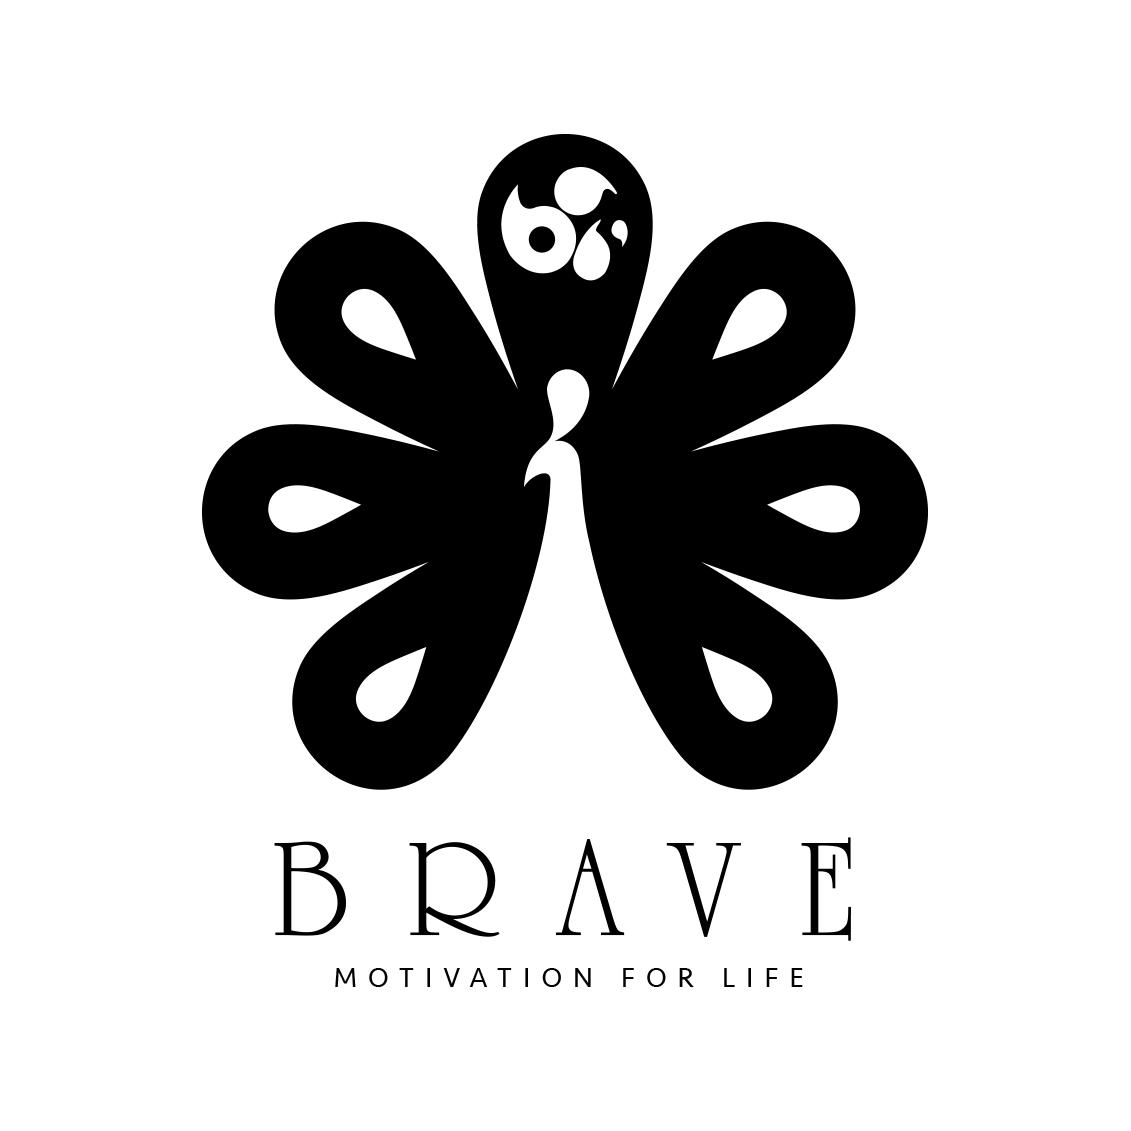 brave_logo_black.png